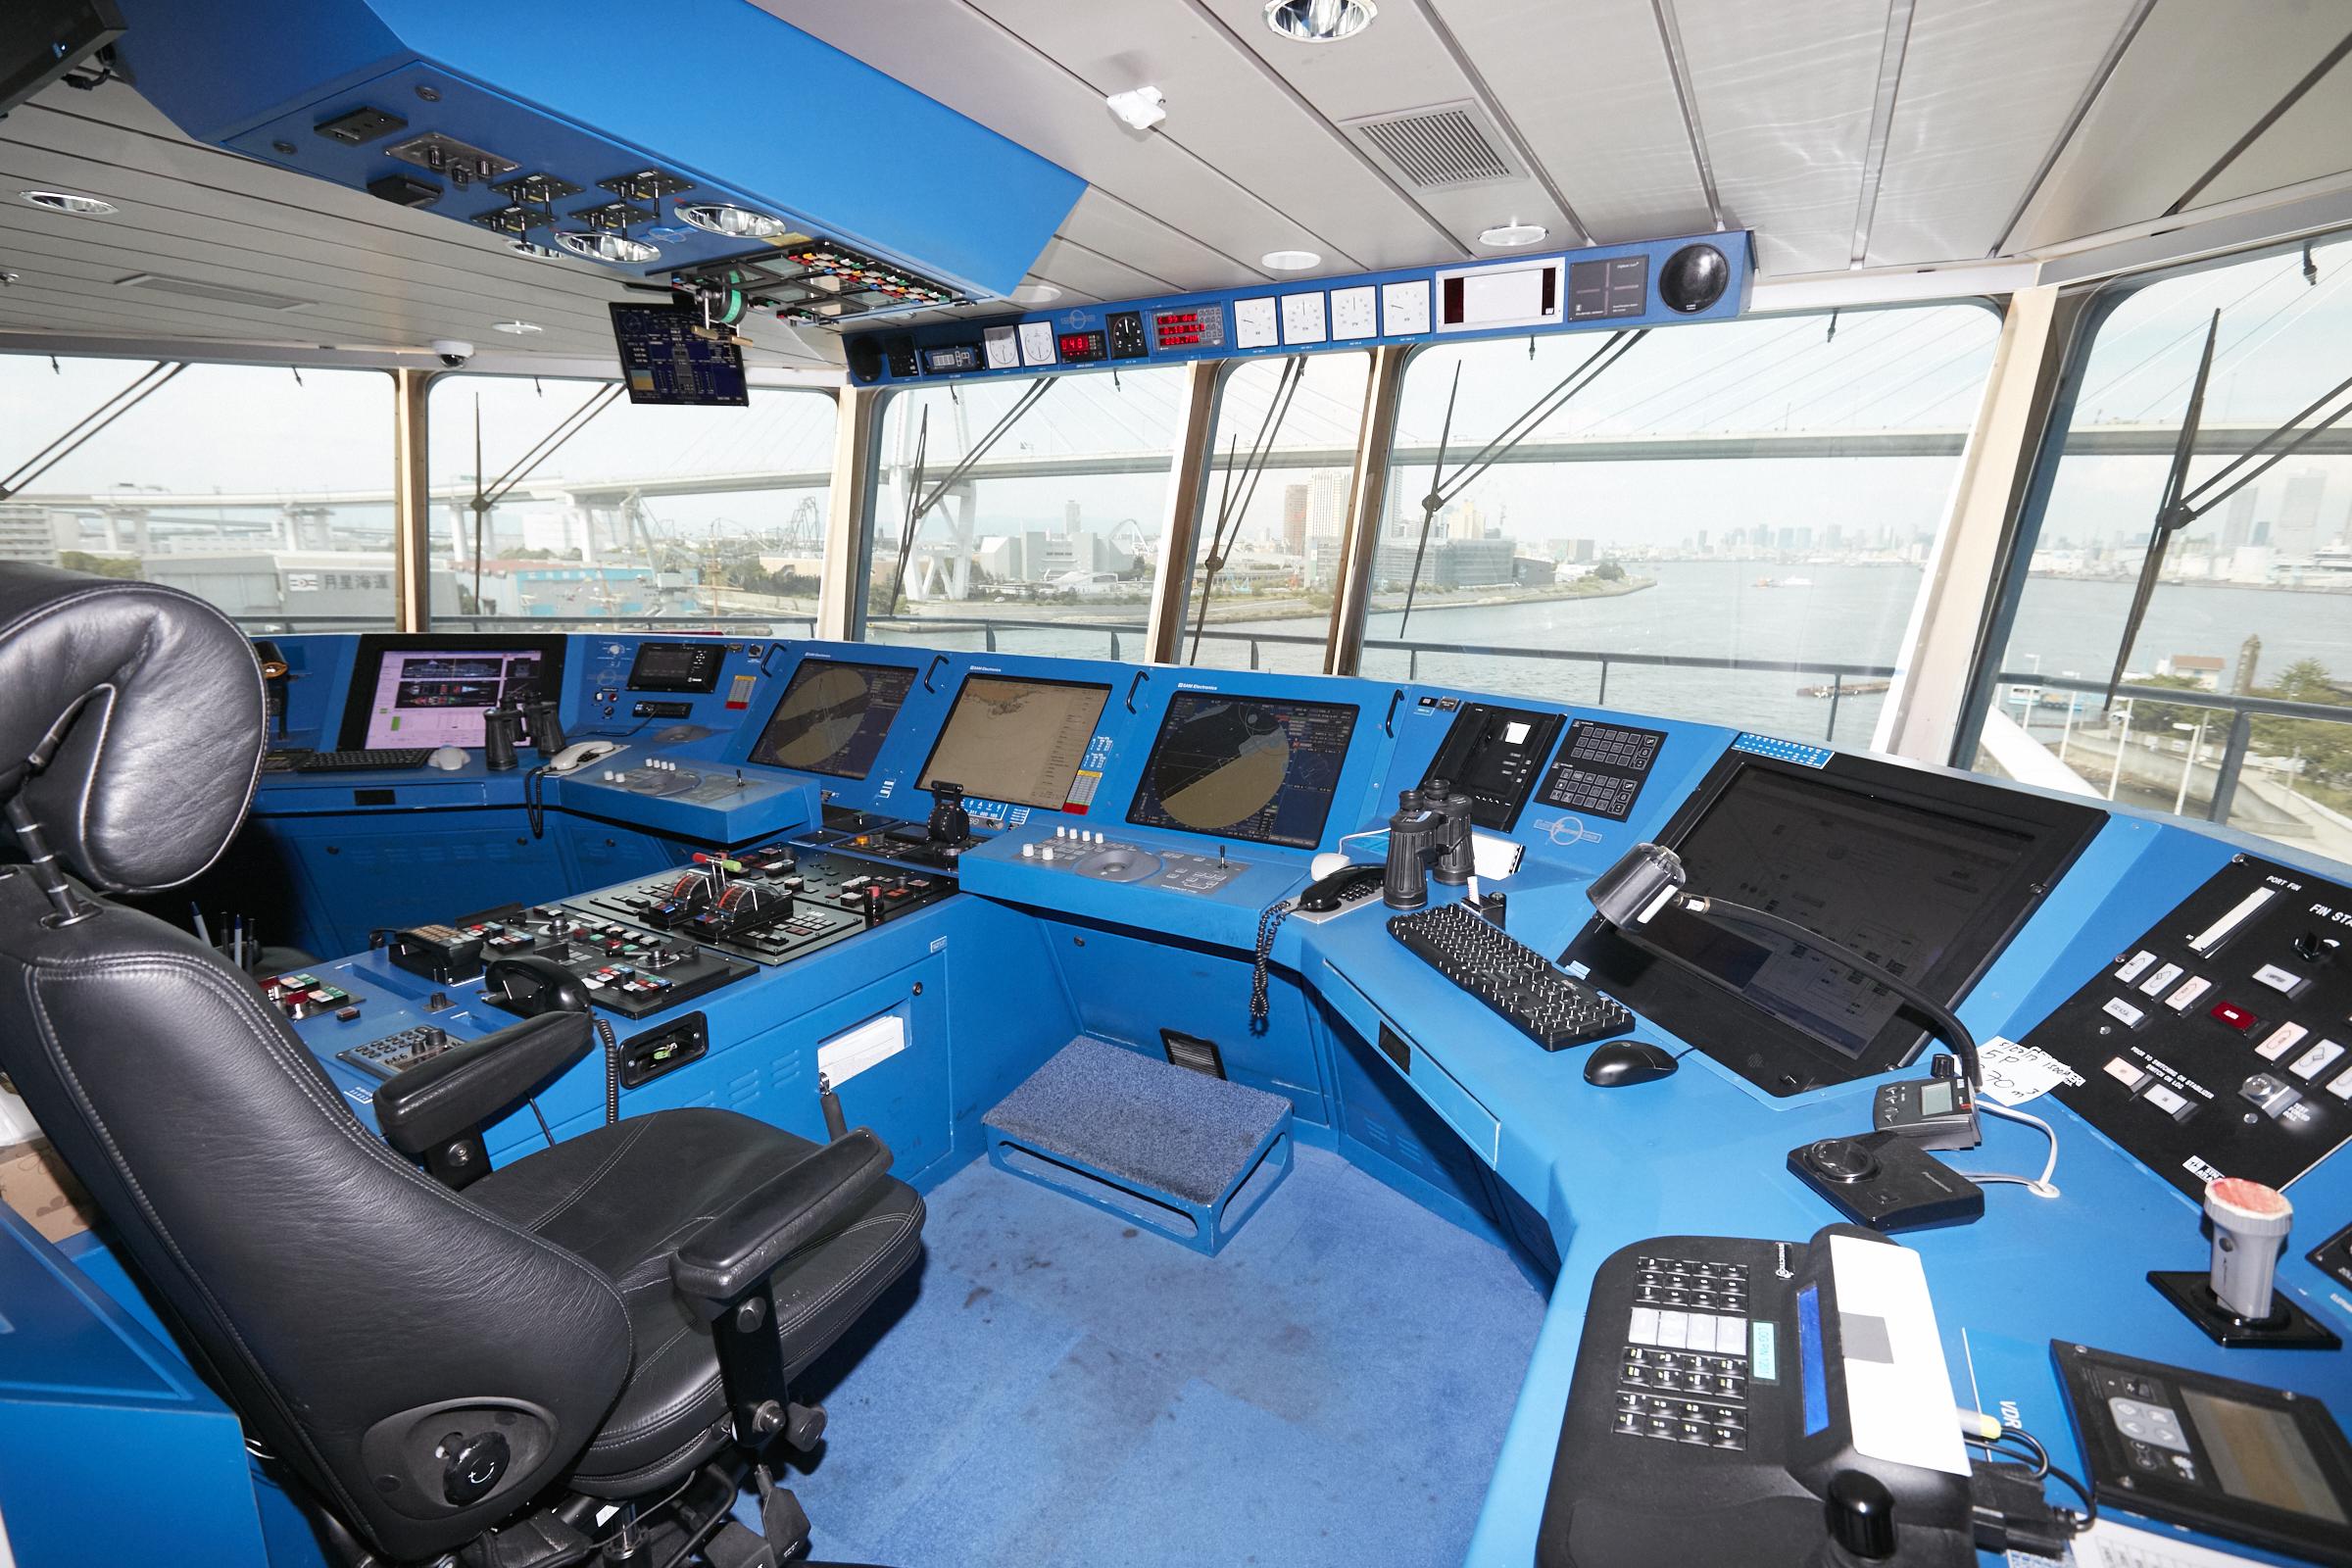 操舵室で船長の気分を味わってみてはいかがでしょう?